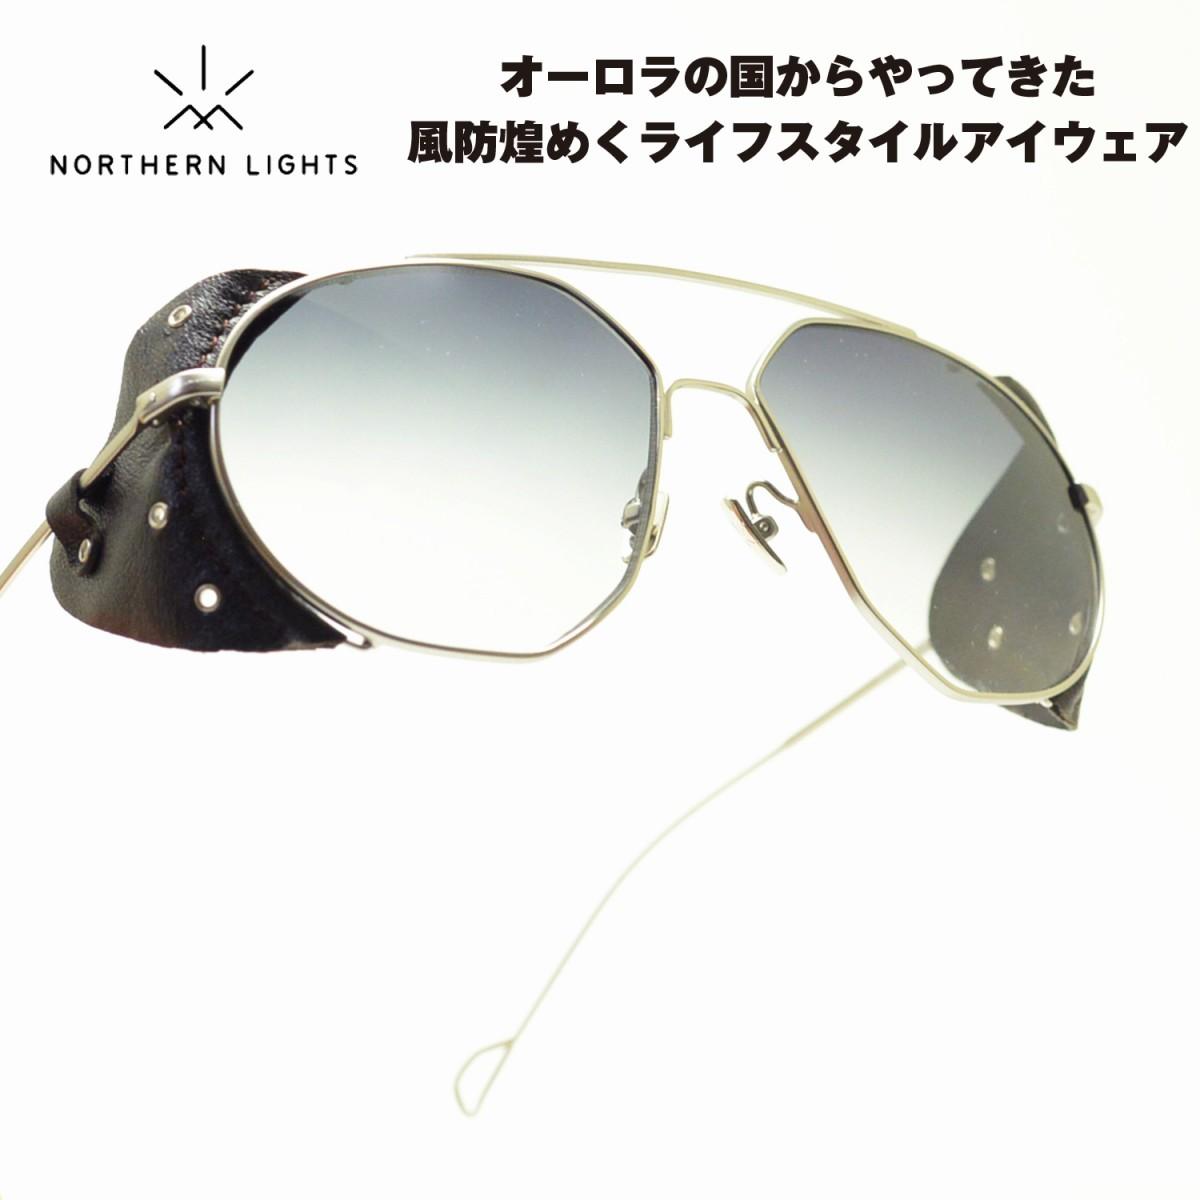 NORTHERN LIGHTS ノーザンライツ NL-23-058シルバー/G15グラディエントサイドフード取り外し可能ですメガネ サングラス 眼鏡 めがね メンズ レディース おしゃれ ブランド 人気 おすすめ フレーム 流行り 度付き レンズ